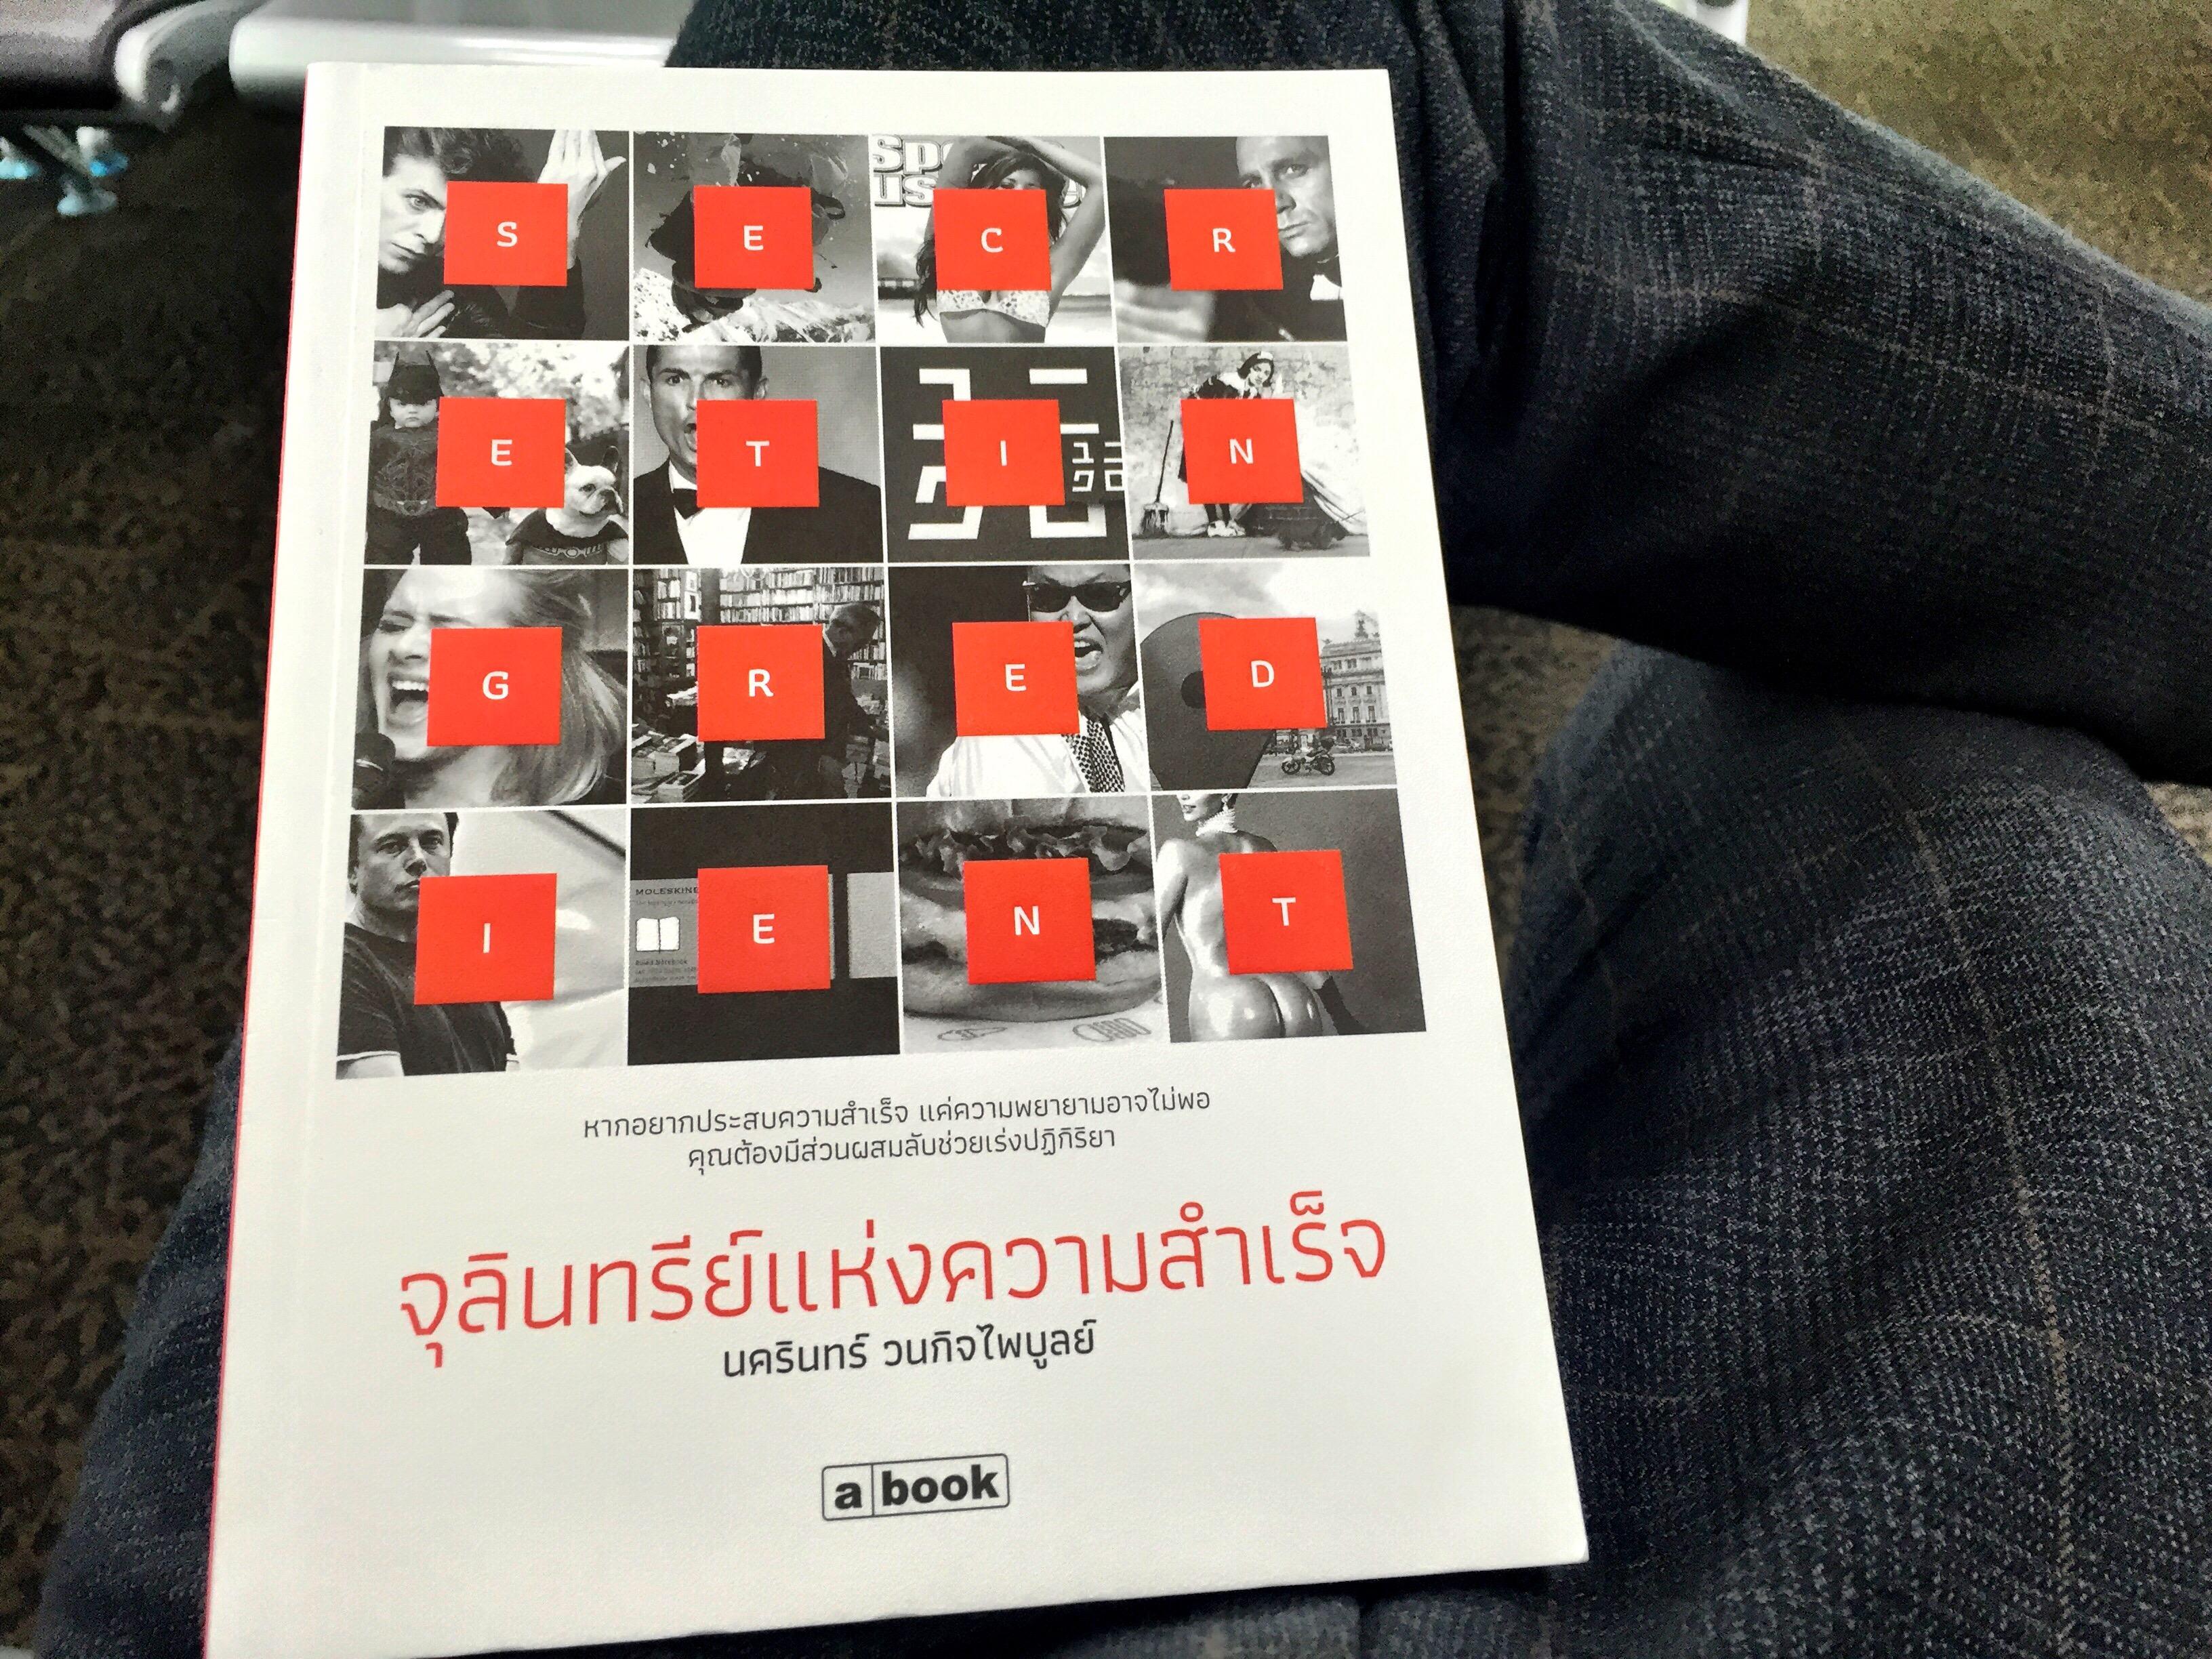 [ฝัน-ที-ละ-ก้าว] EP.17 หนังสือ จุลินทรีย์แห่งความสำเร็จ โดย นครินทร์ วนกิจไพบูลย์